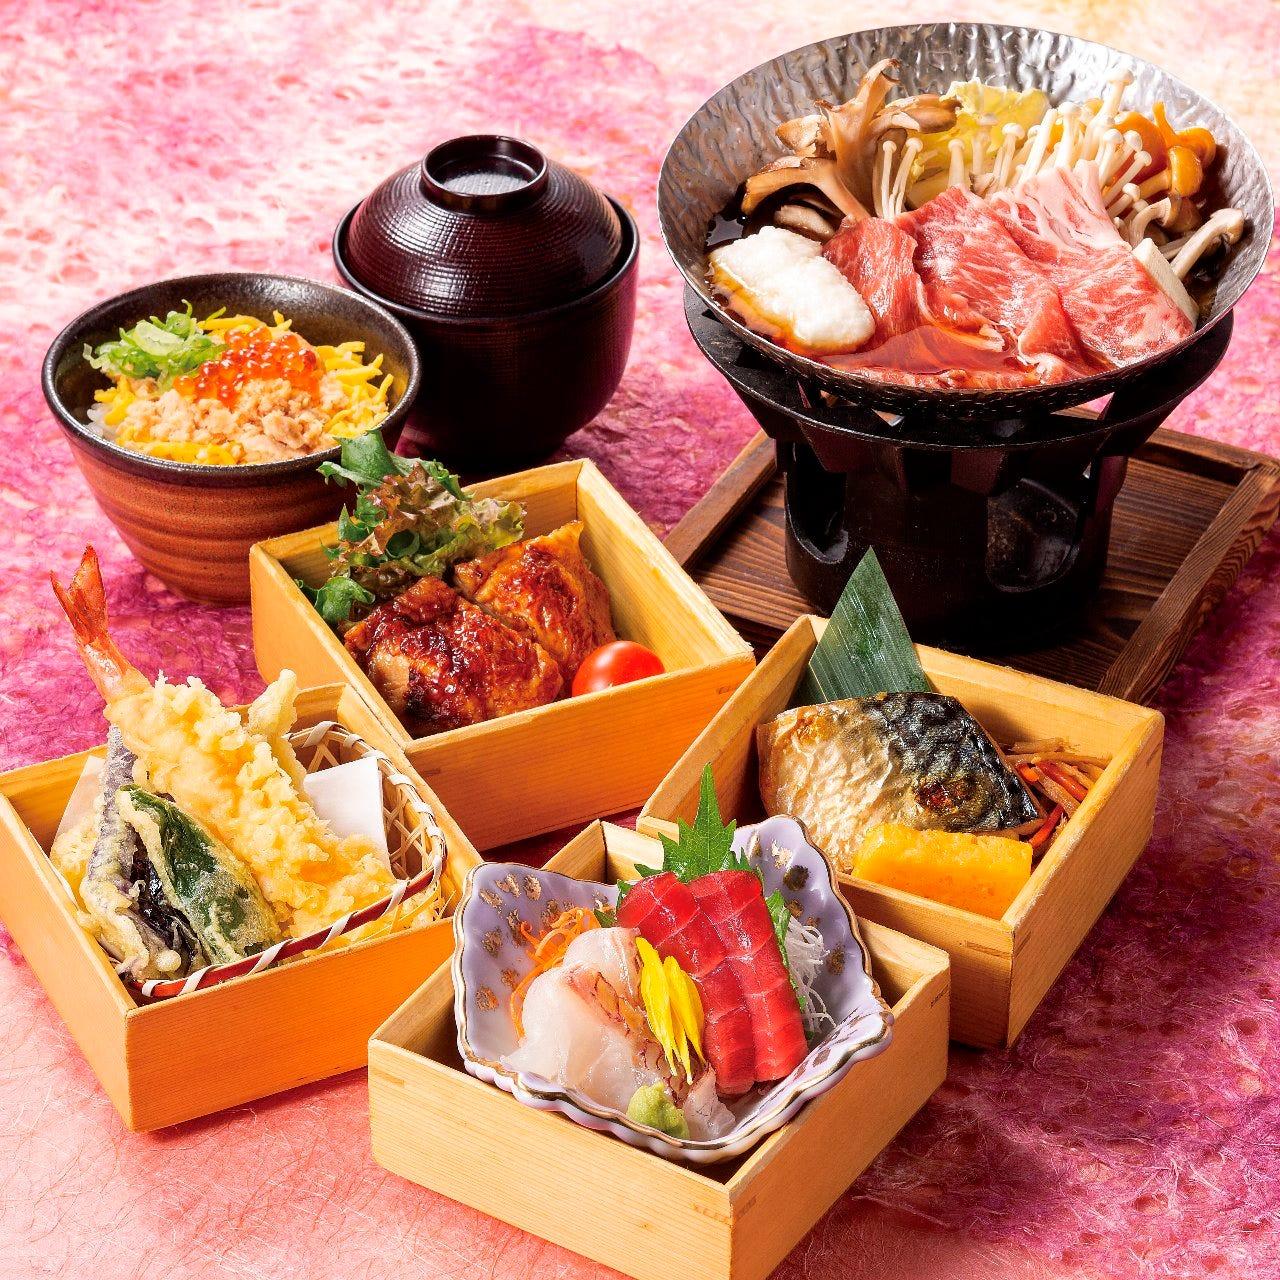 昼間の会食やご宴席にも     ご利用下さい。